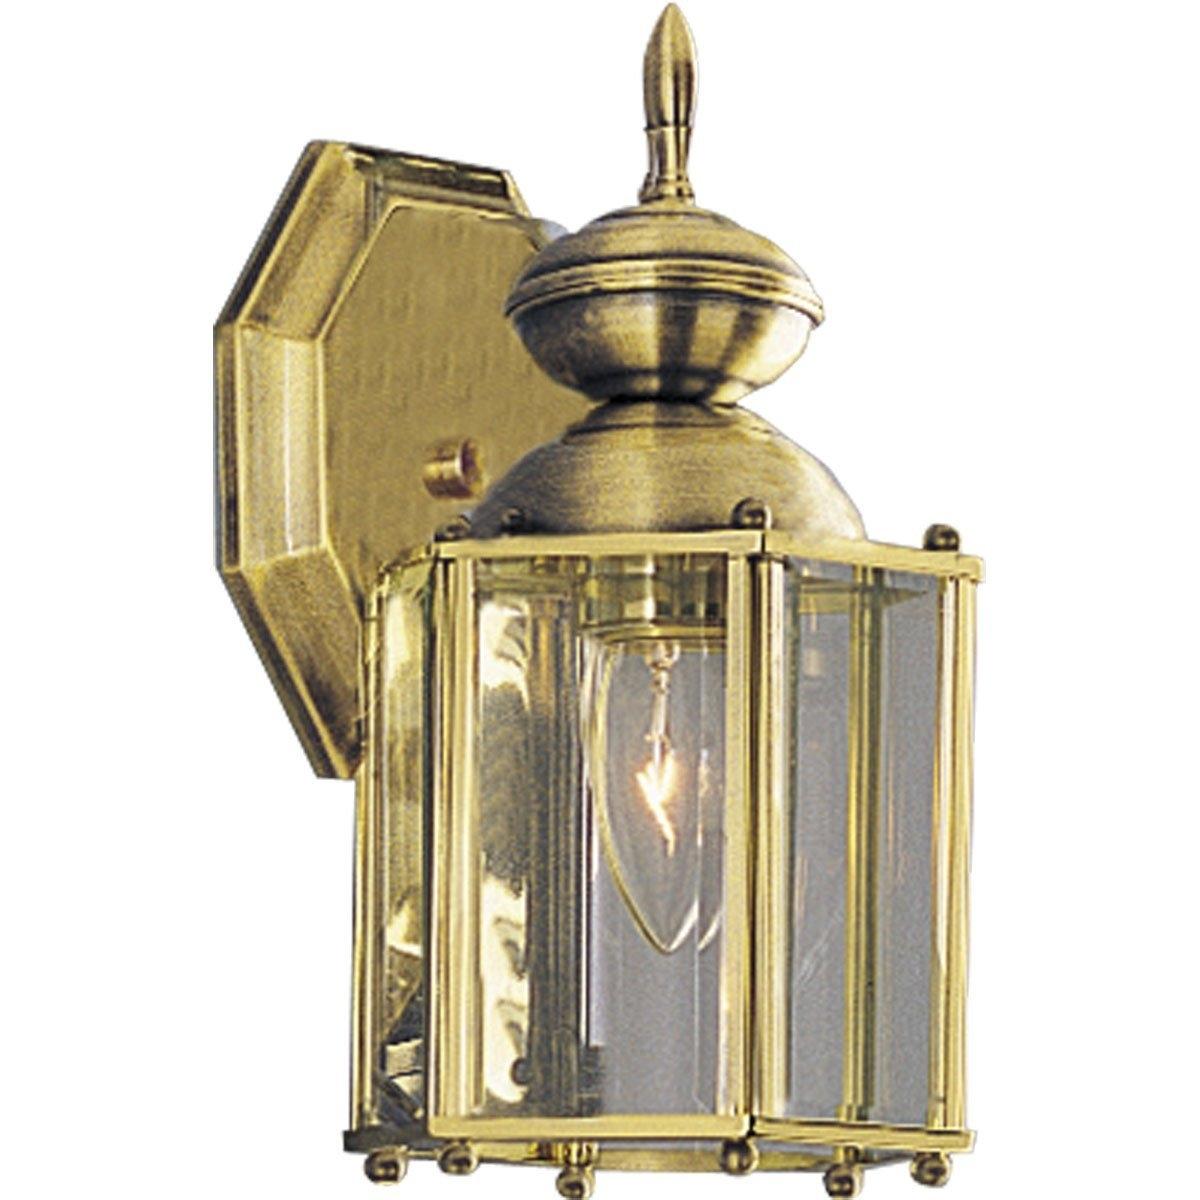 Brass Outdoor Lighting Fixtures | Amazing Lighting In Brass Outdoor Ceiling Lights (#4 of 15)